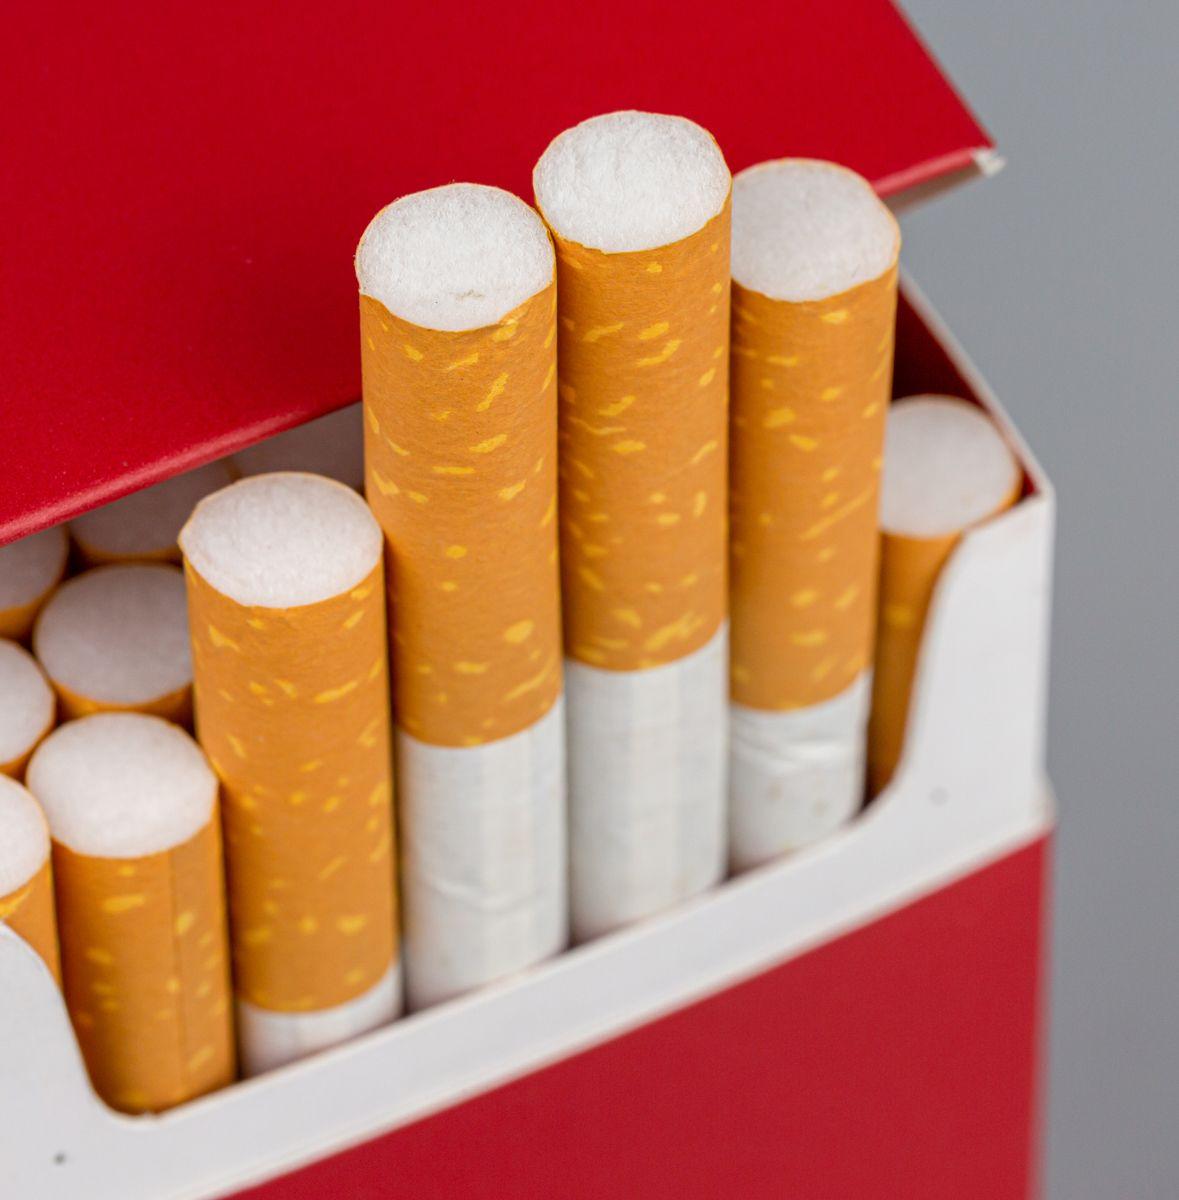 Servicio de venta de tabaco en Torrelavega